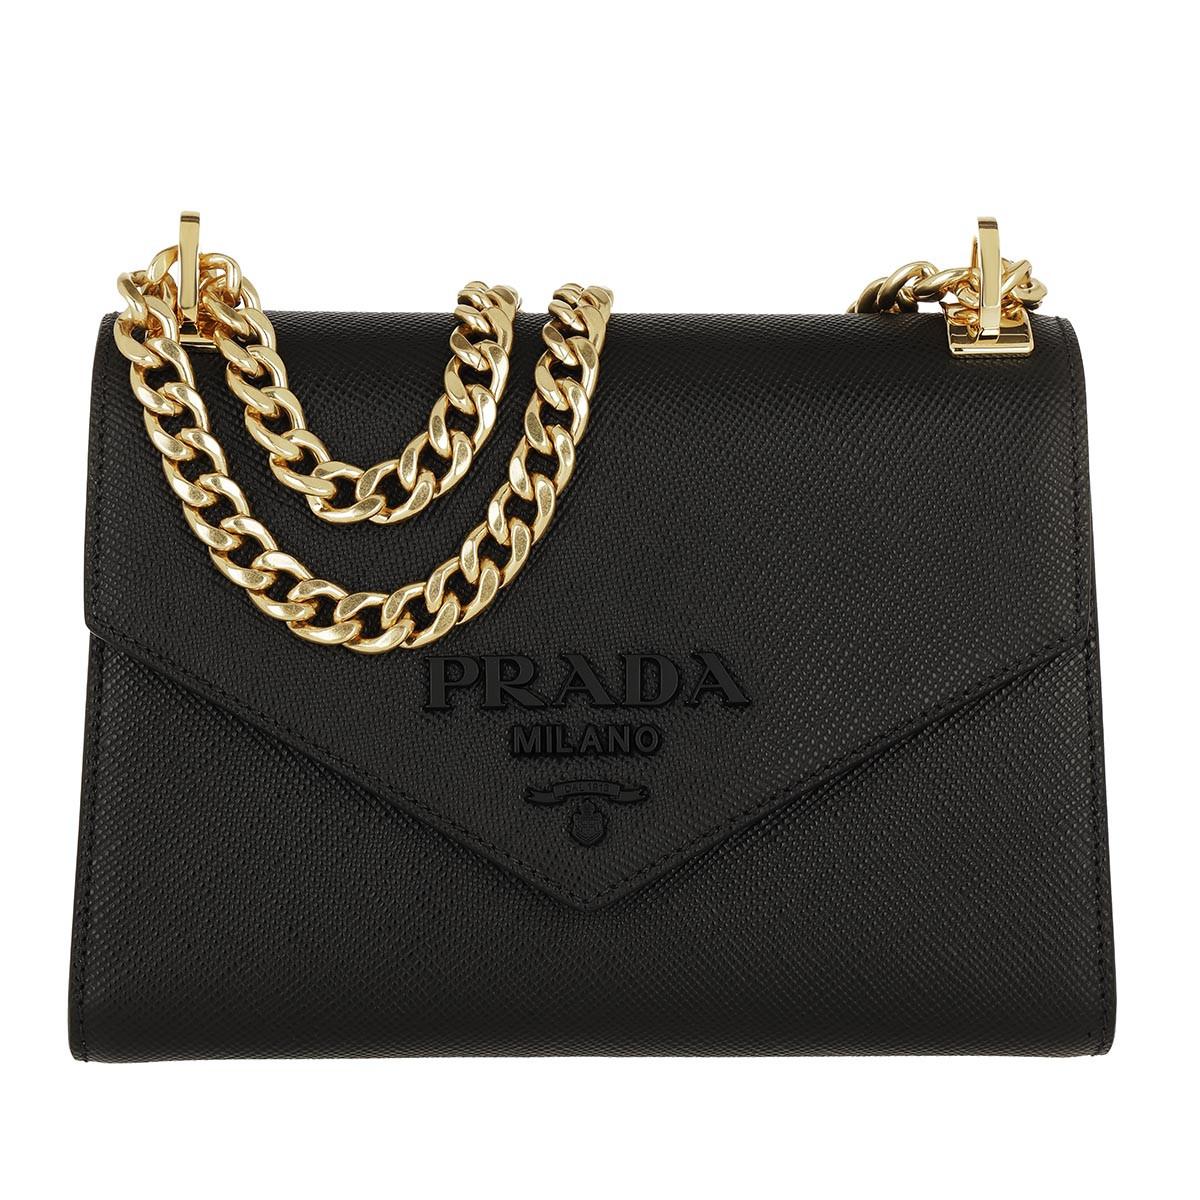 Prada Umhängetasche - Monochrome Crossbody Bag Quartz Medium Black - in schwarz - für Damen